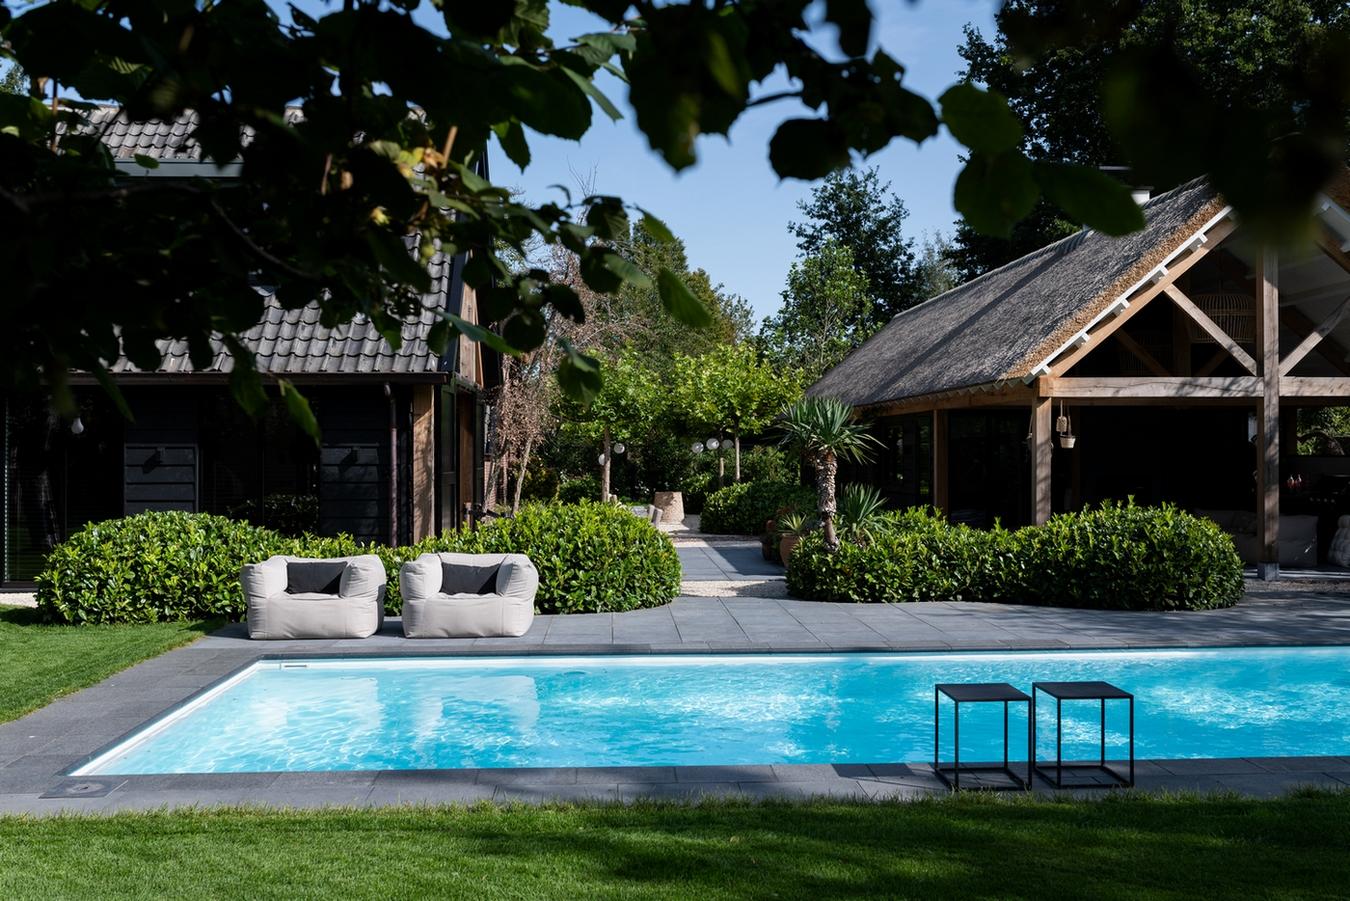 Maatwerk Welson zwembad in een strakke tuin